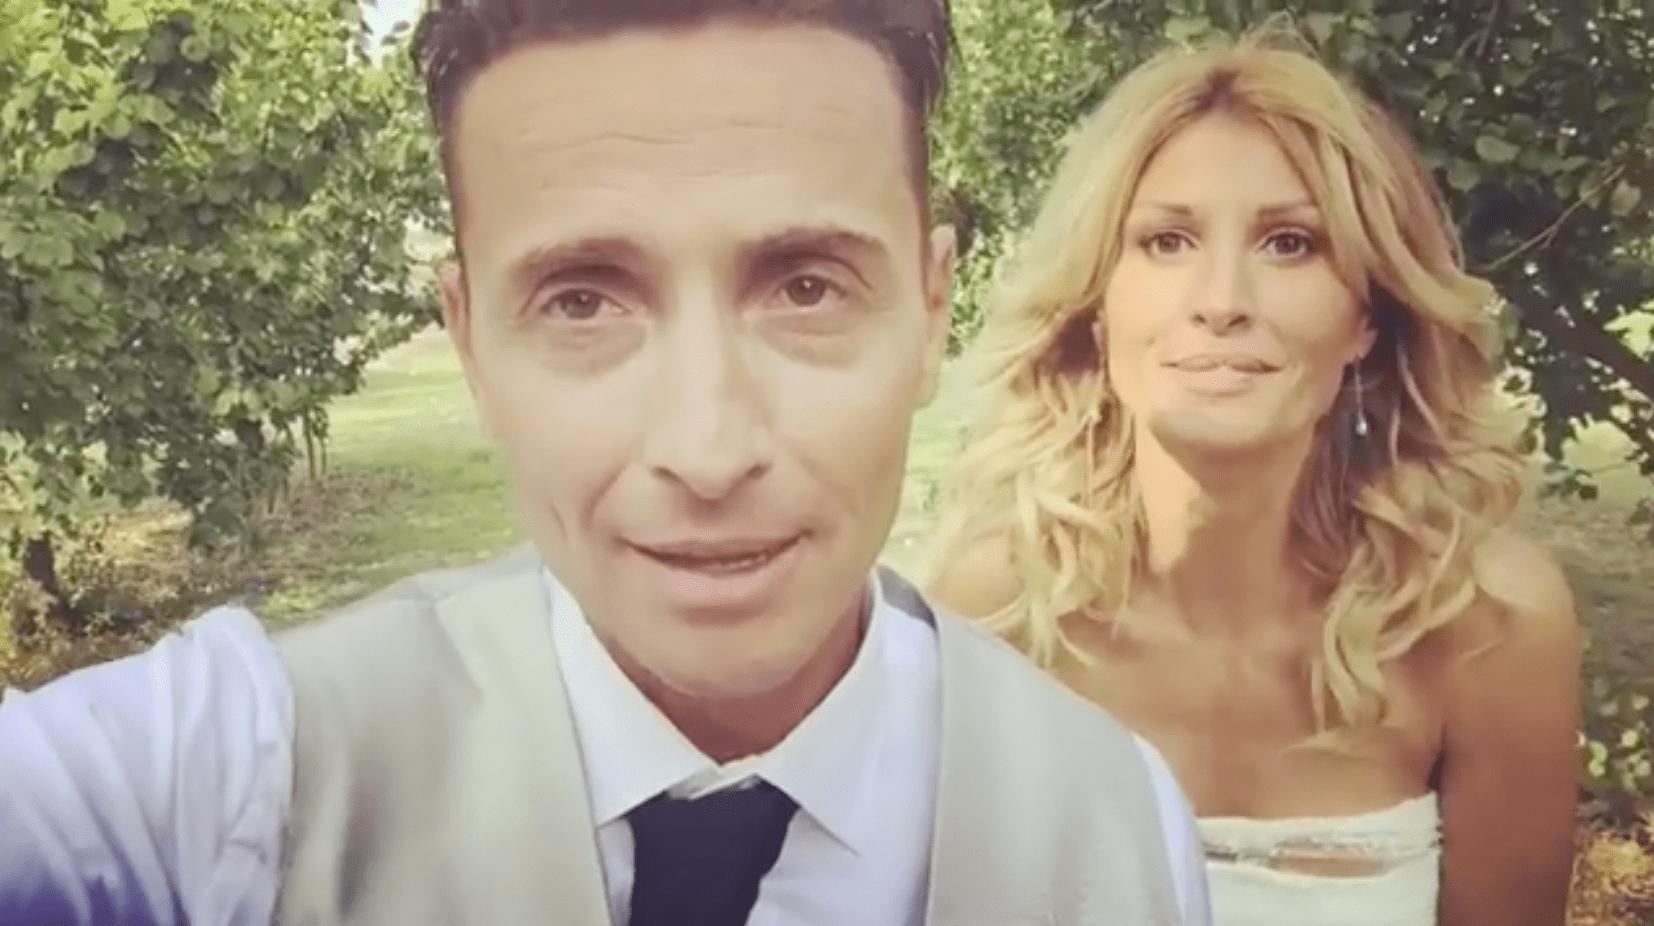 angelo pintus michela sturaro si sono sposati video a barbara d'urso